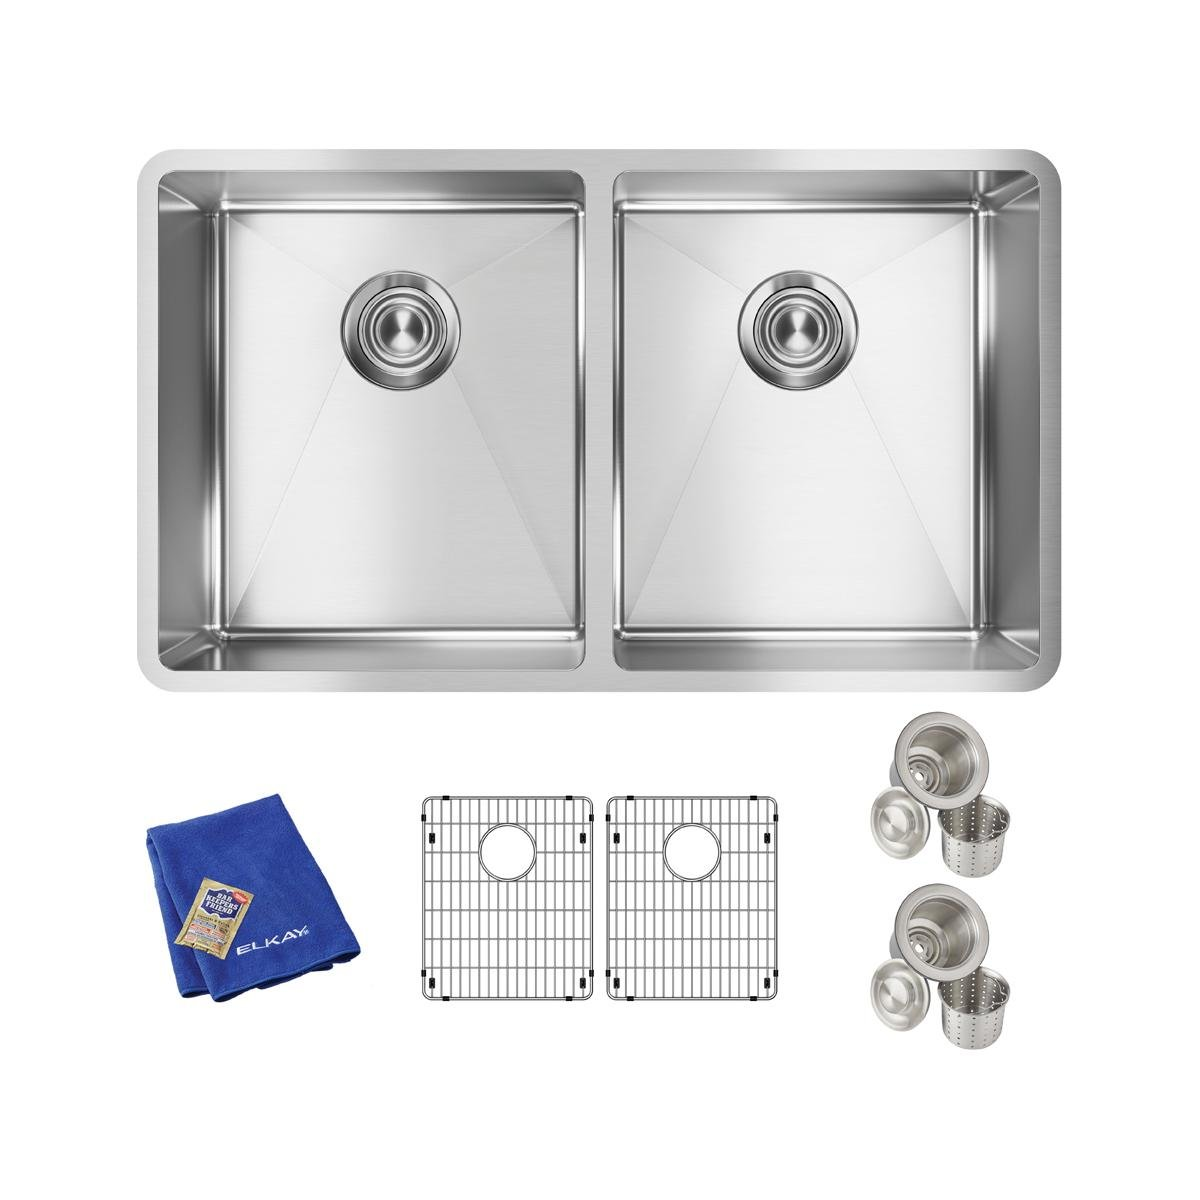 Elkay Crosstown Stainless Steel 31-1/2'' x 18-1/2'' x 9'', Equal Double Bowl Undermount Sink Kit by Elkay